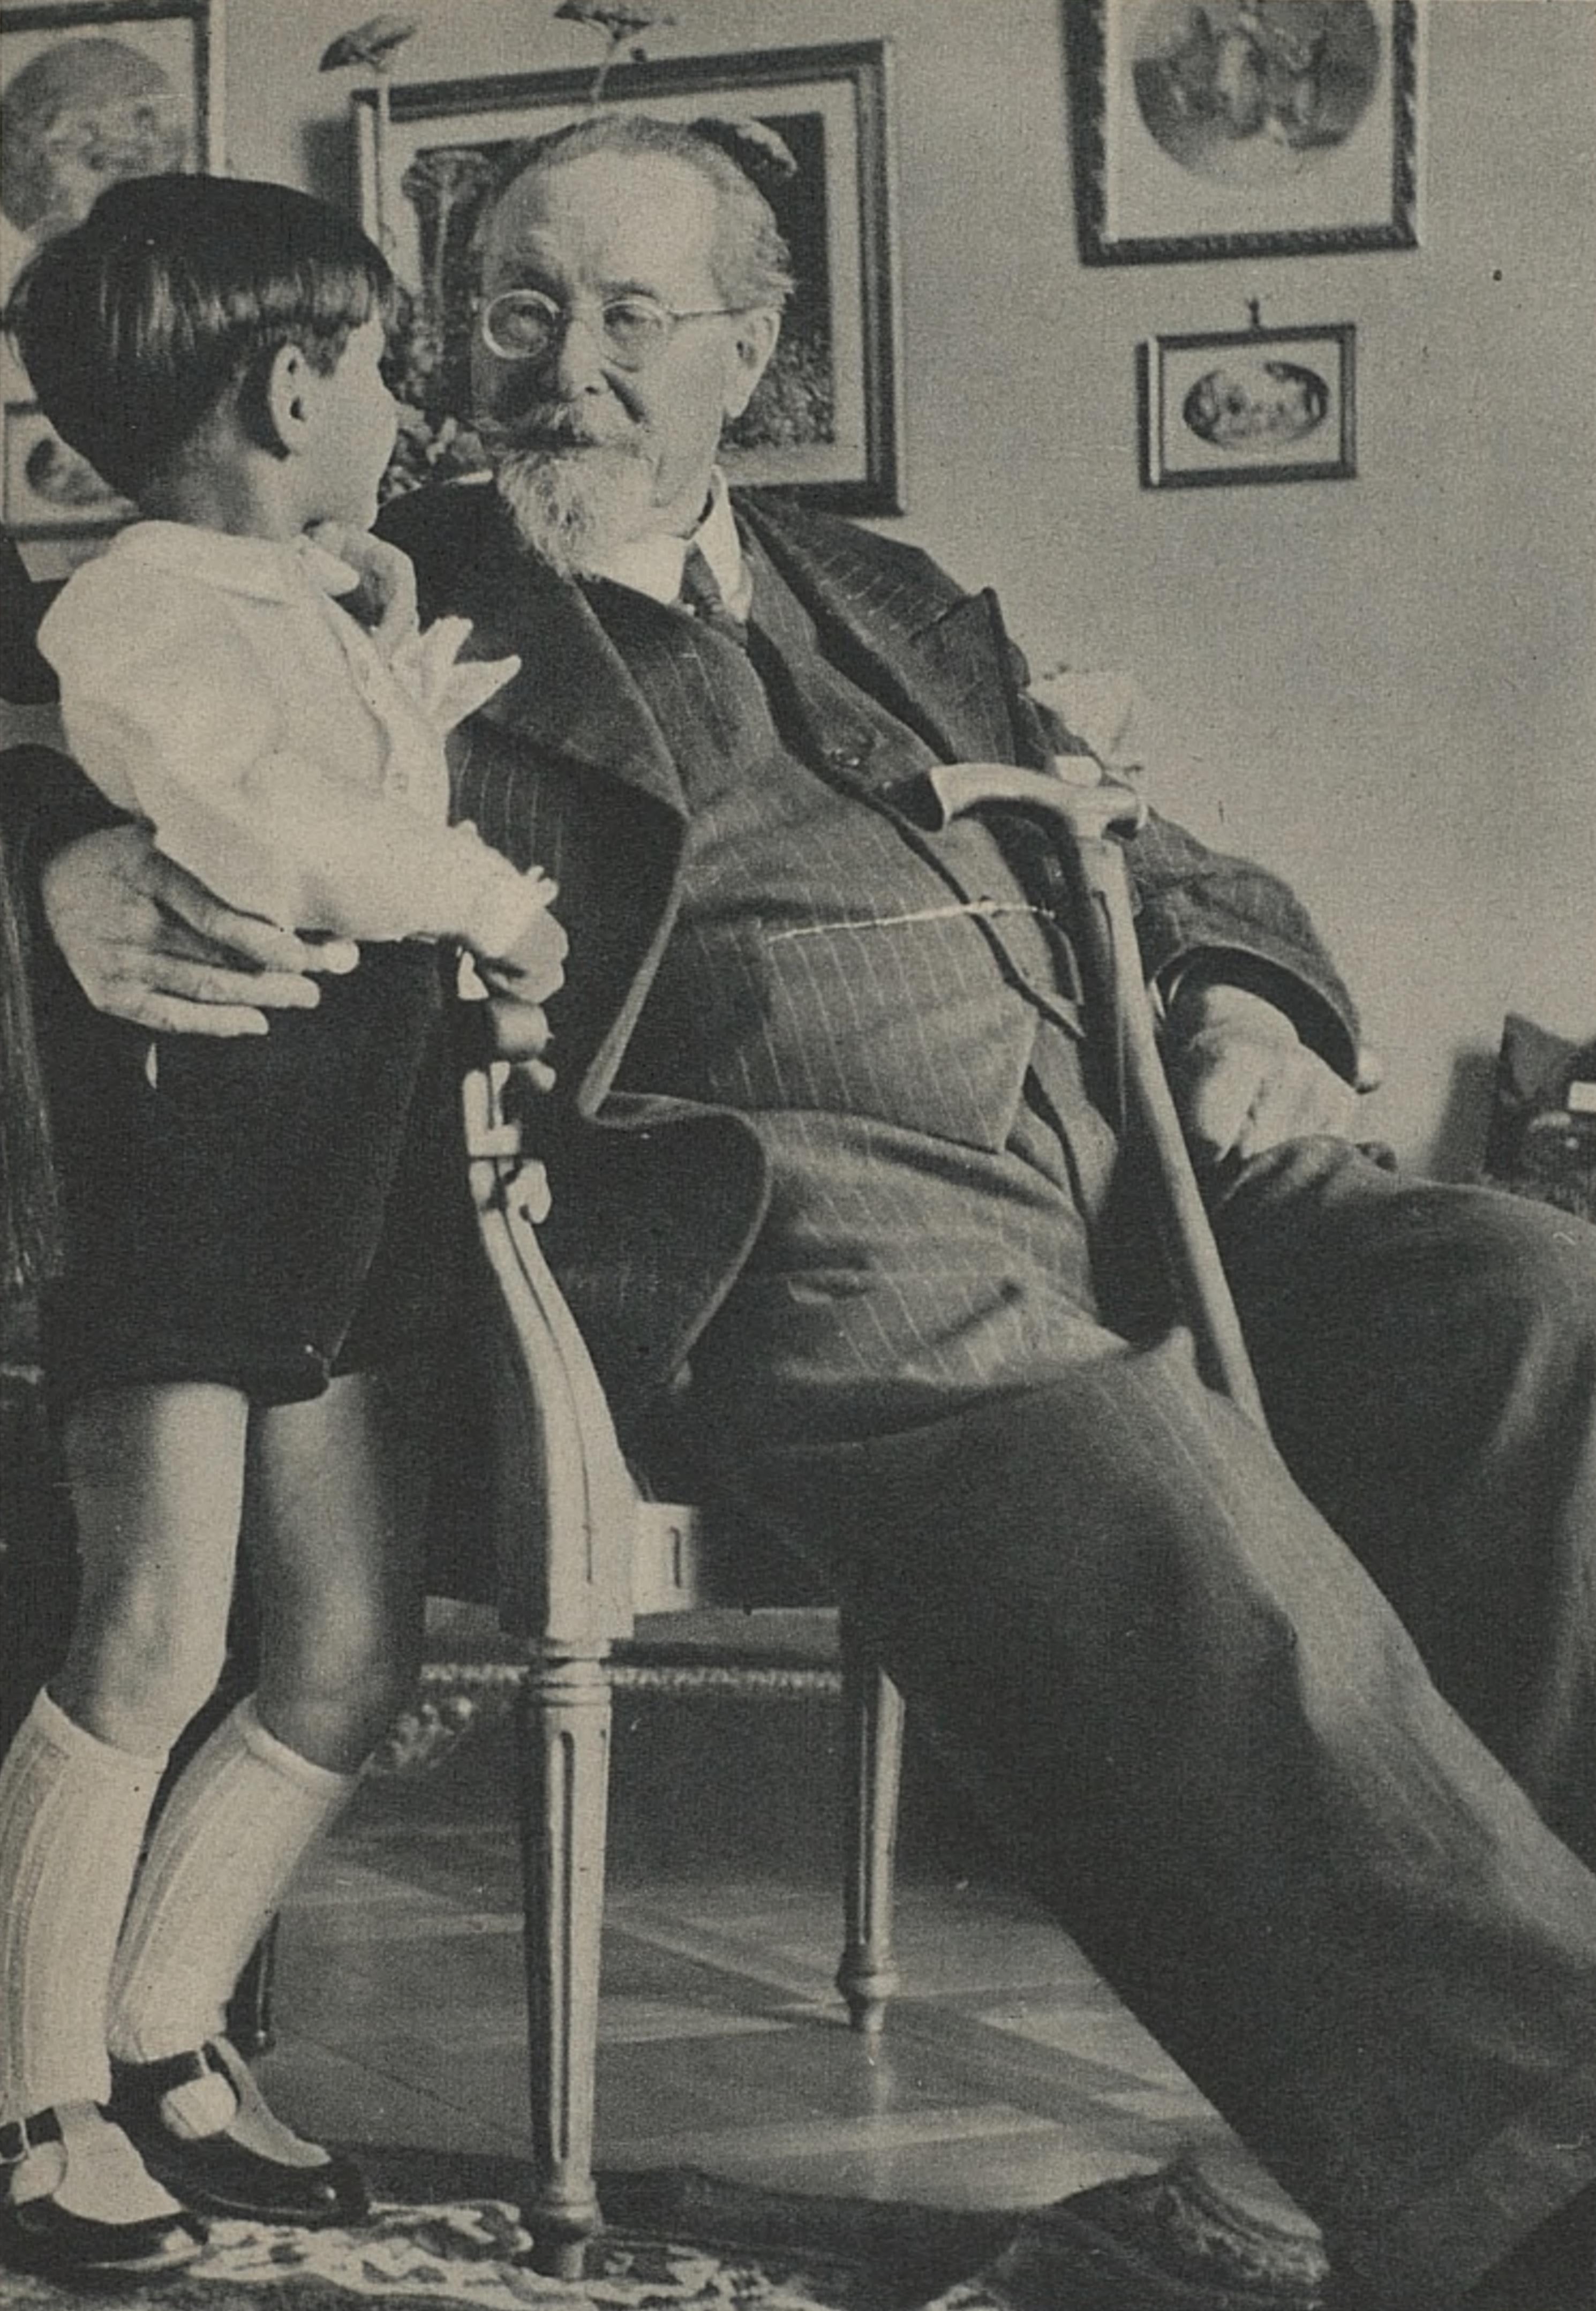 Émile JAQUES-DALCROZE, un portrait fait par Photo Bertrand, Genève, probablement fin des années 1940